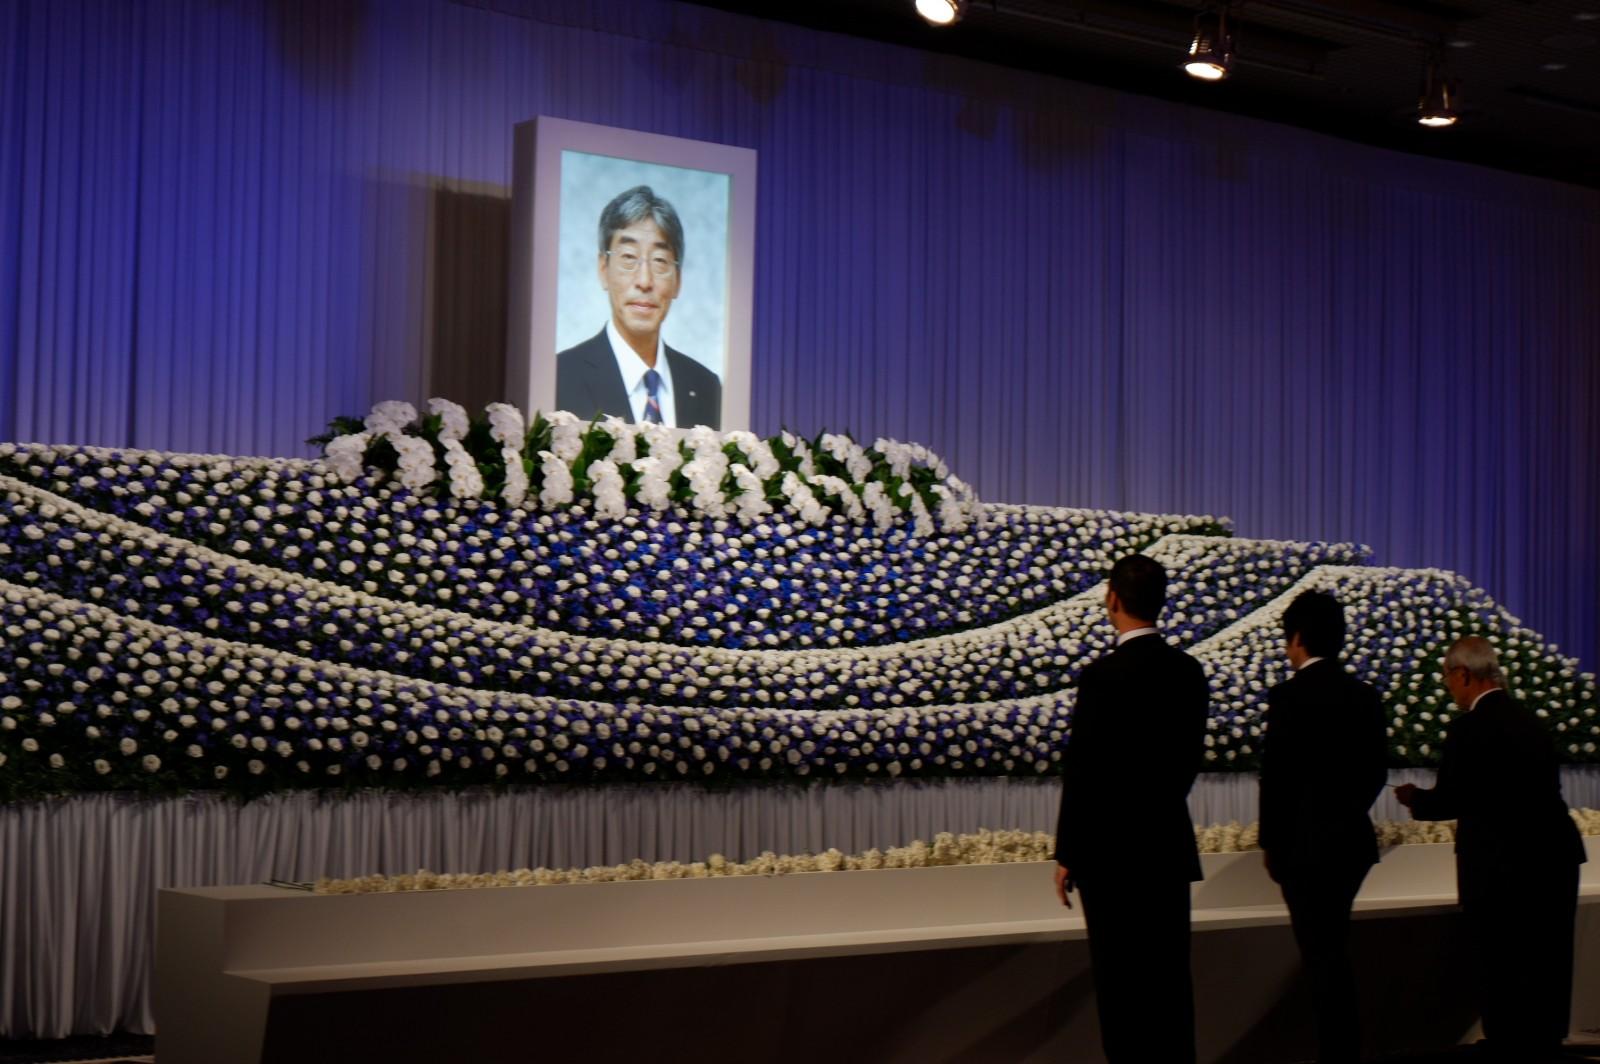 大木伸介氏(日本水産前社長)お別れの会、1300人が参列